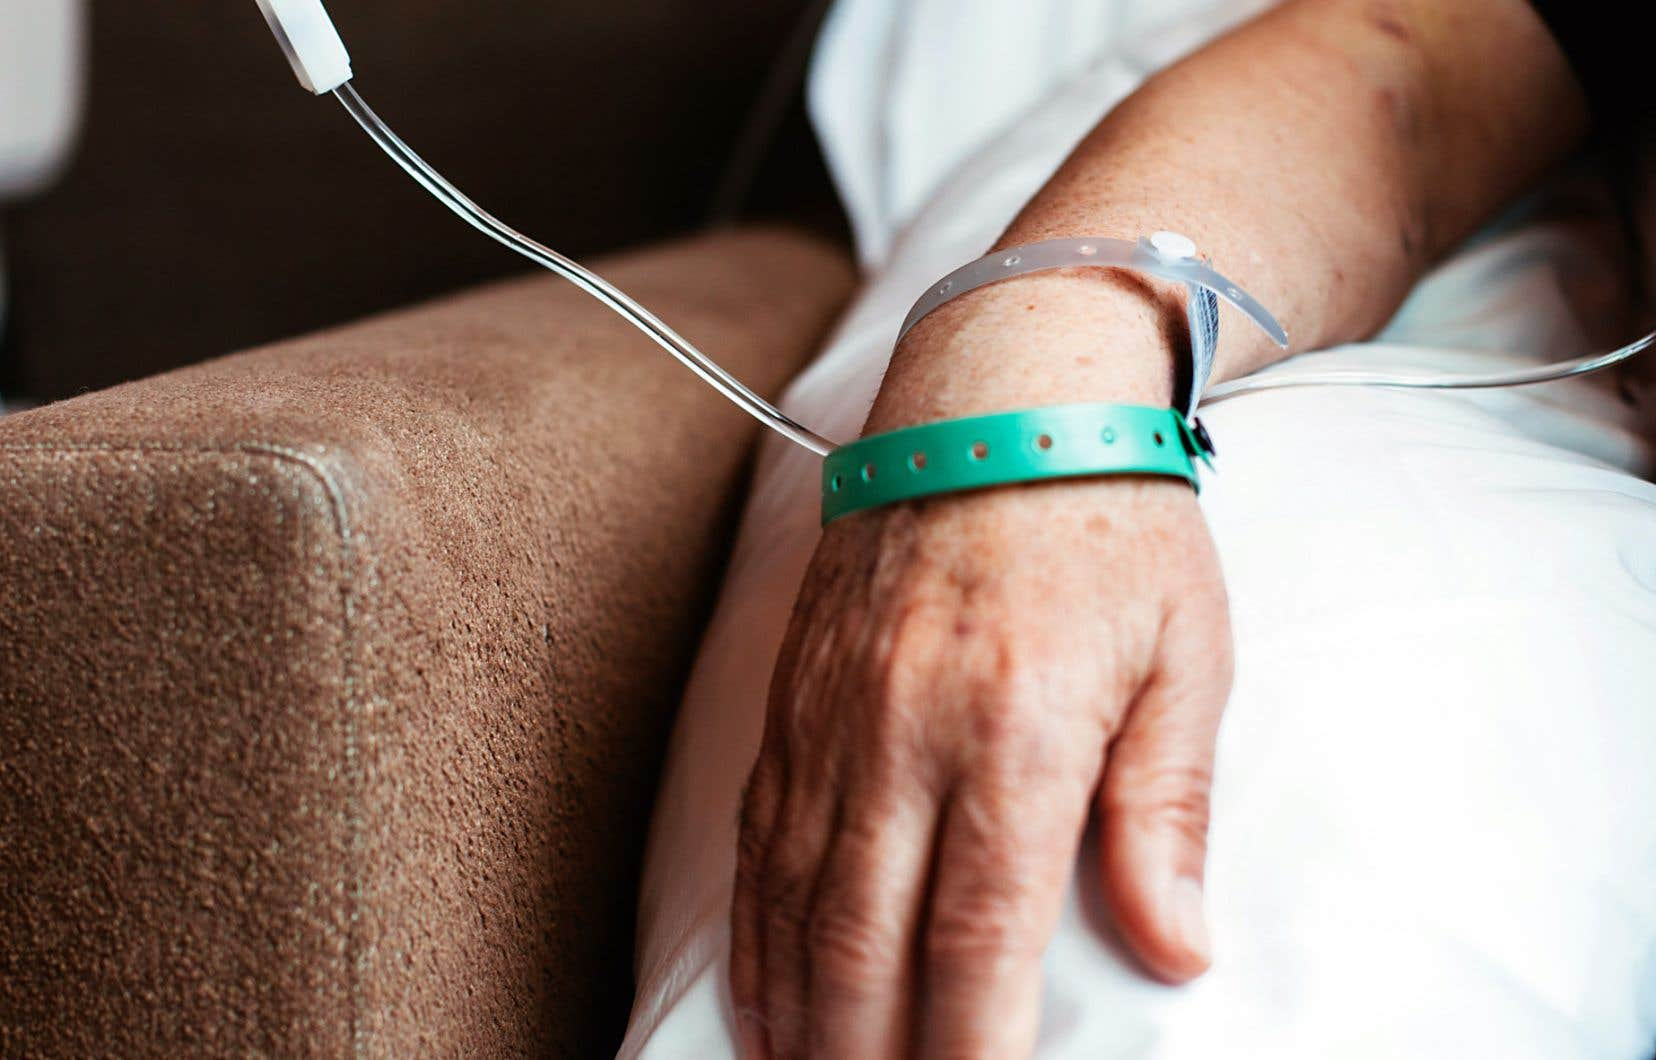 Un nouveau protocole d'administration de la chimiothérapie par voie intraveineuse a été publié en août.